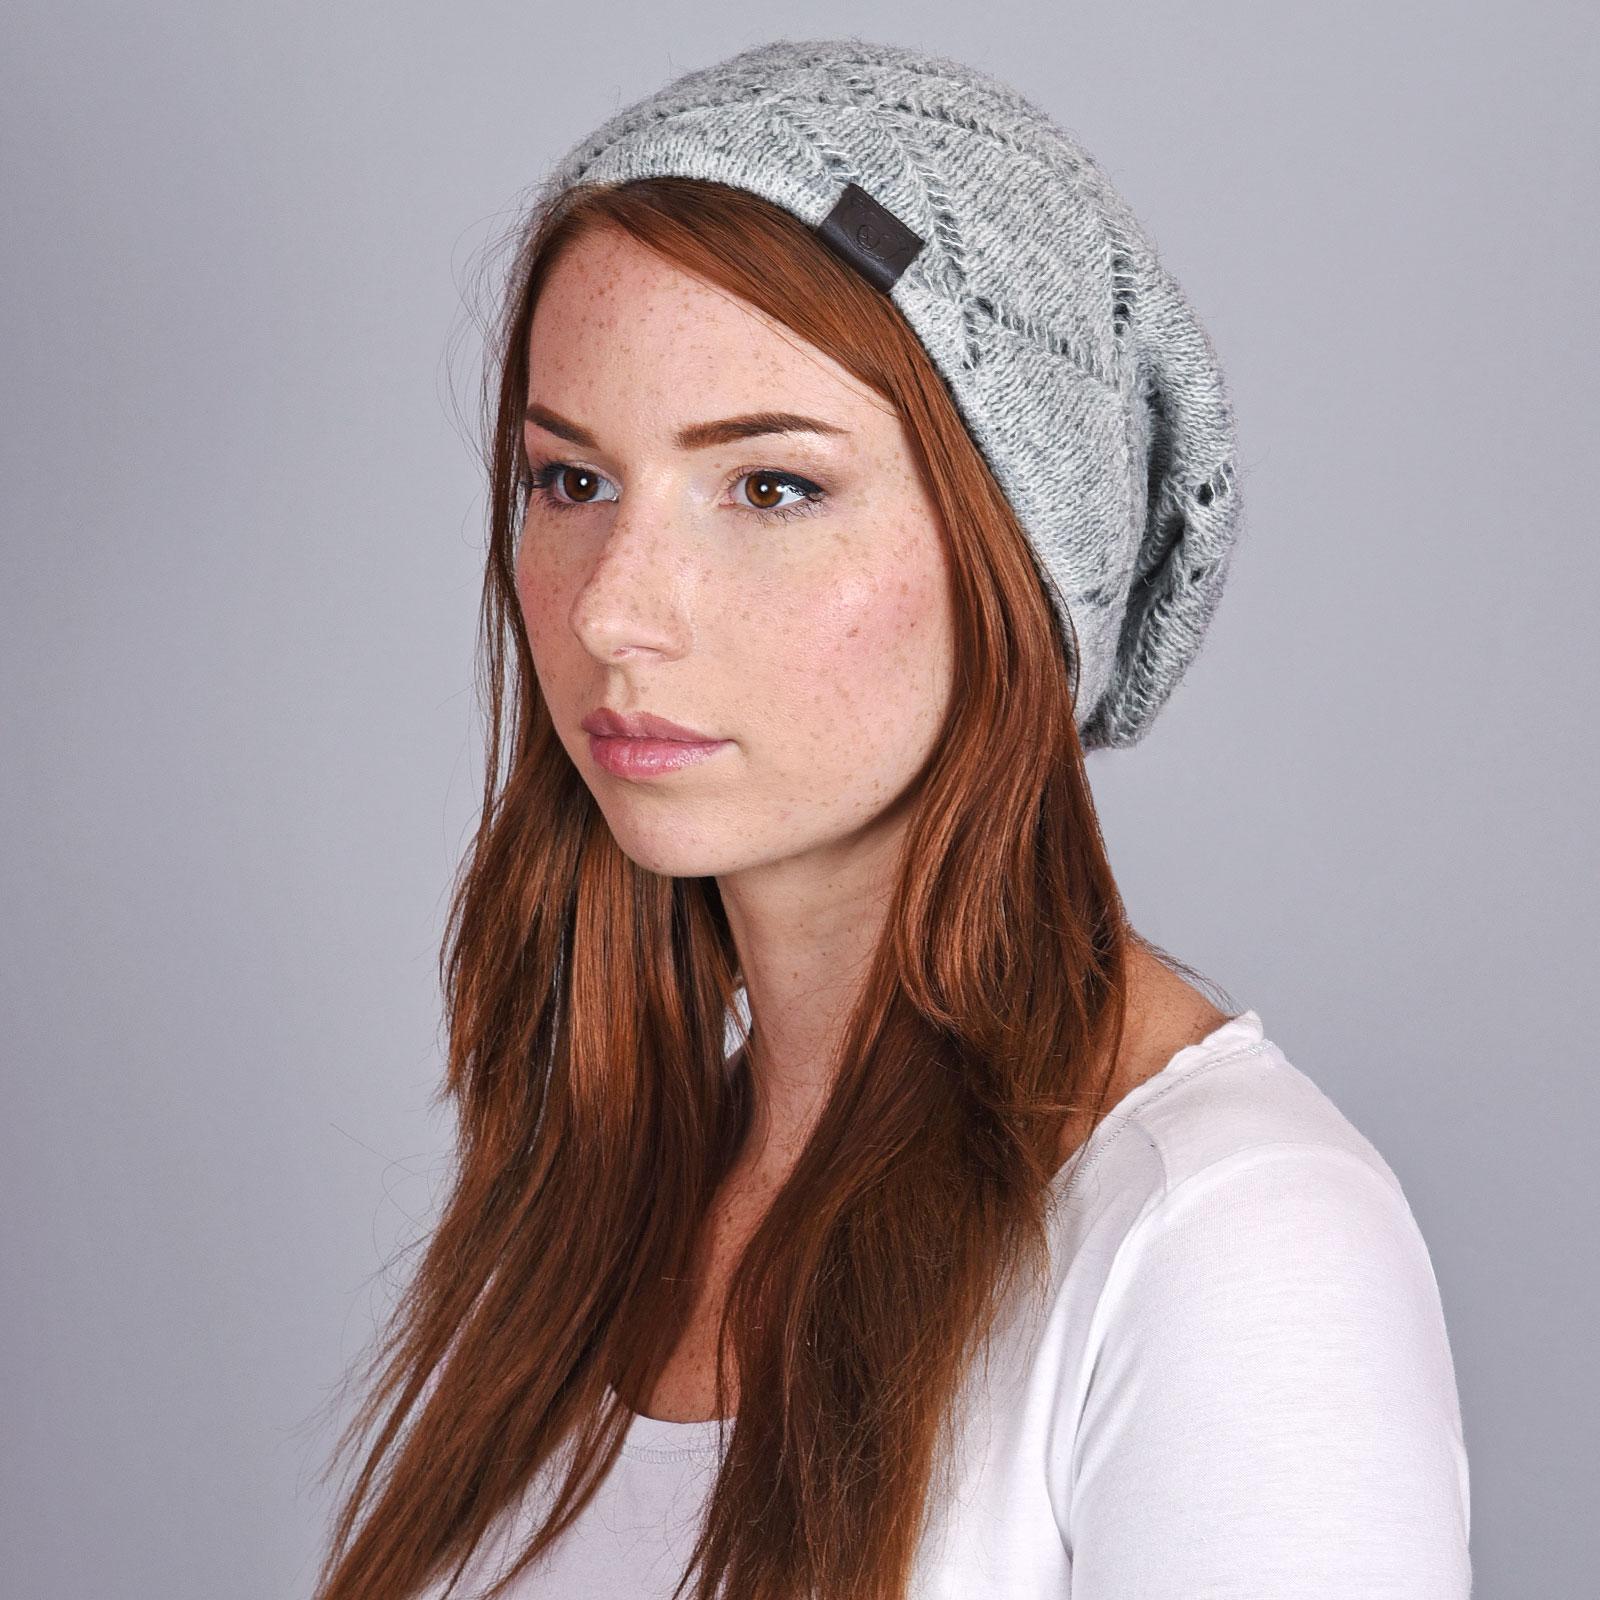 CP-01059-VF16-1-bonnet-femme-tendance-gris